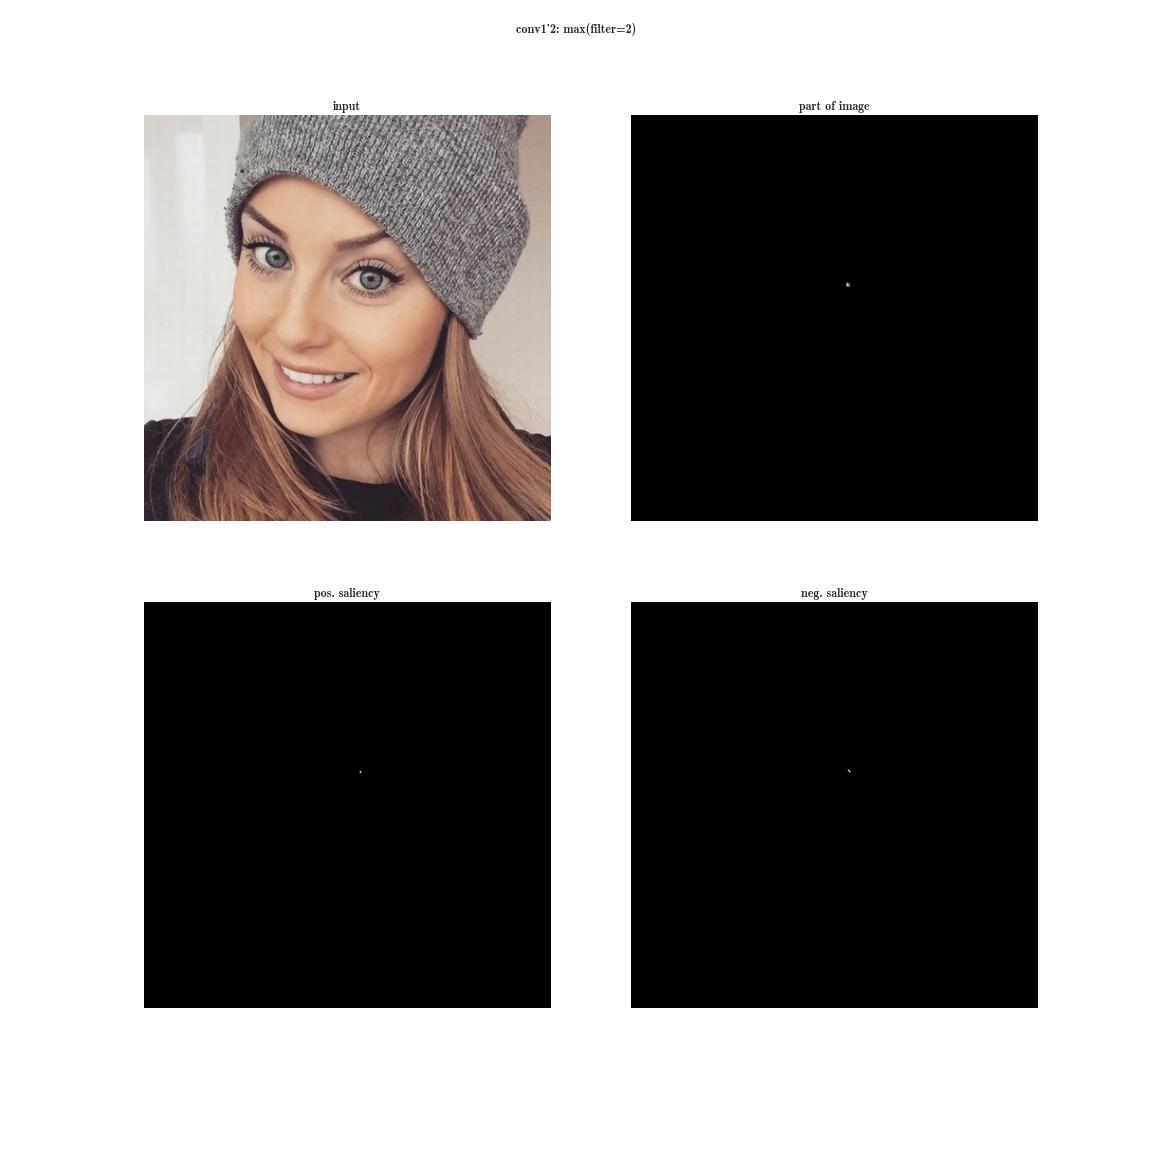 Стилизация изображений с помощью нейронных сетей: никакой мистики, просто матан - 17